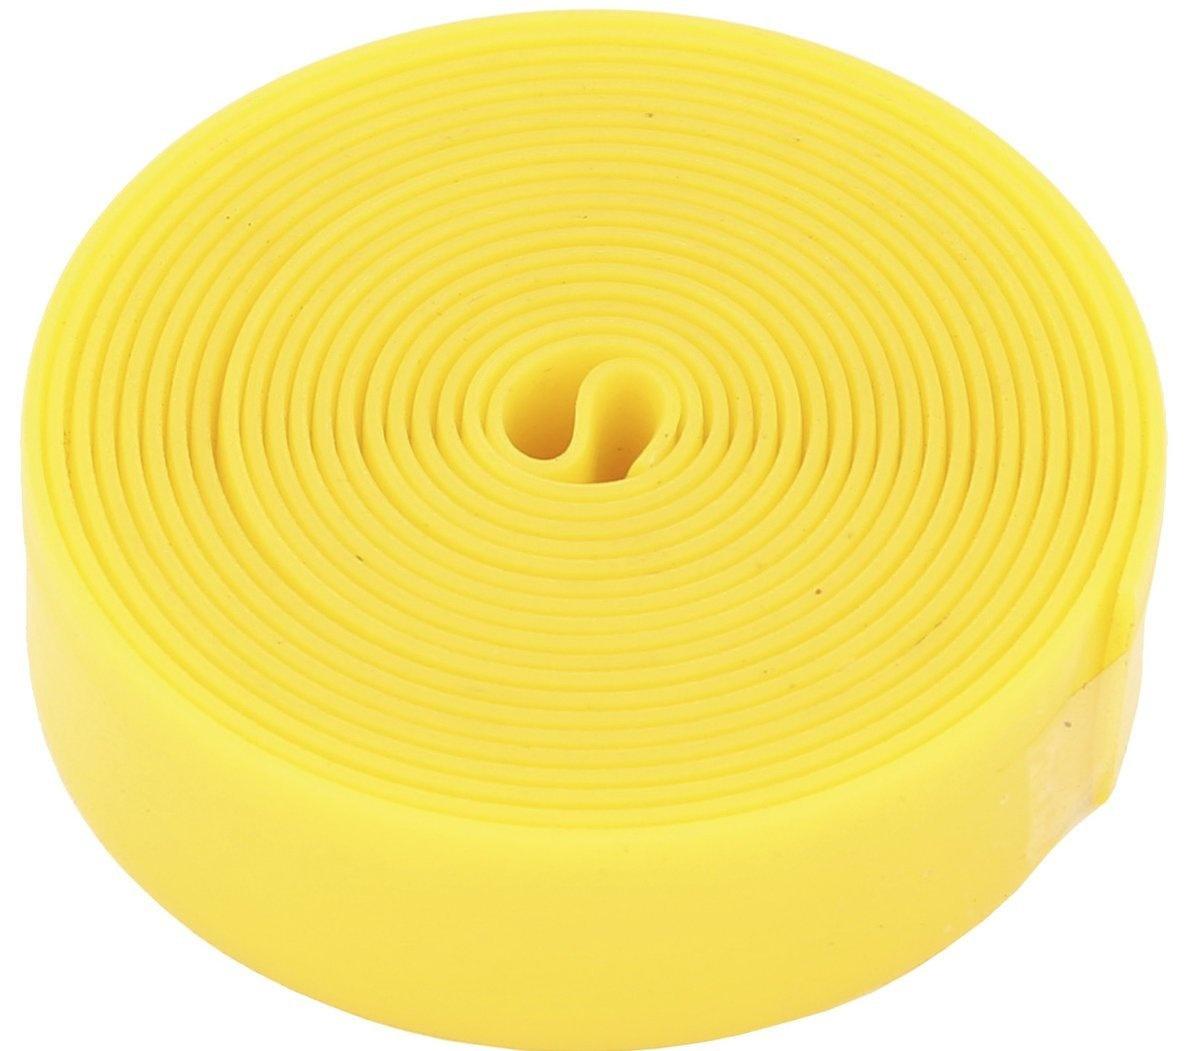 Con-Tec Puncture Protection dækindlæg - Gul 19/23c